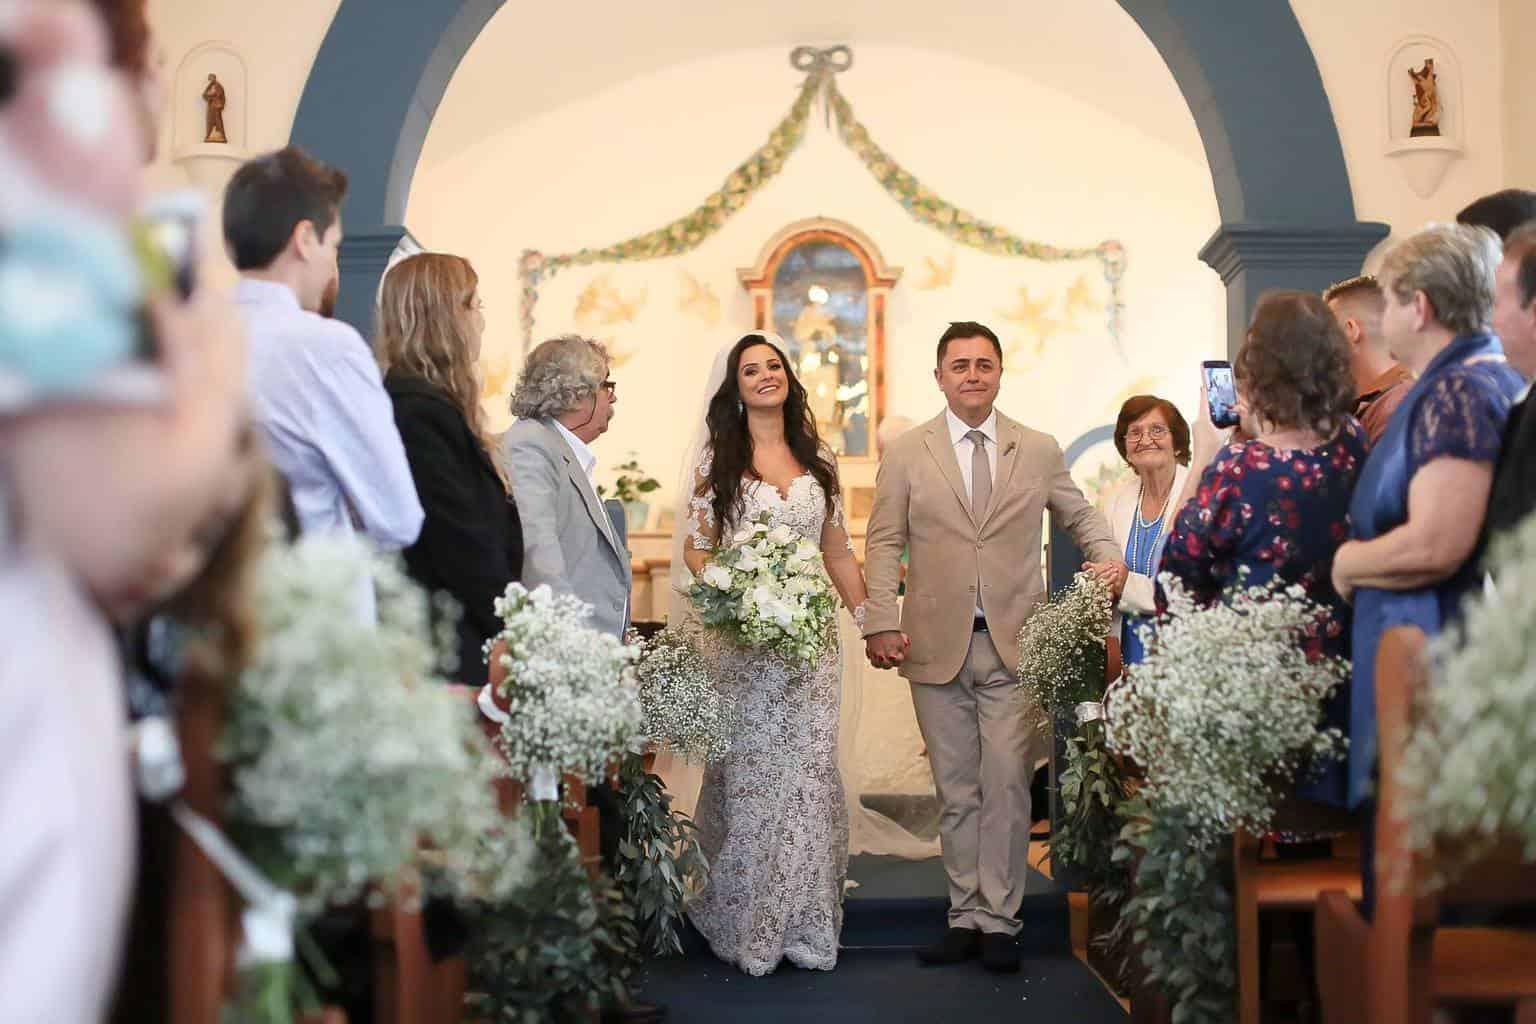 casamento-ariane-e-antonio-carlos-caseme-foto-silvia-penati-86